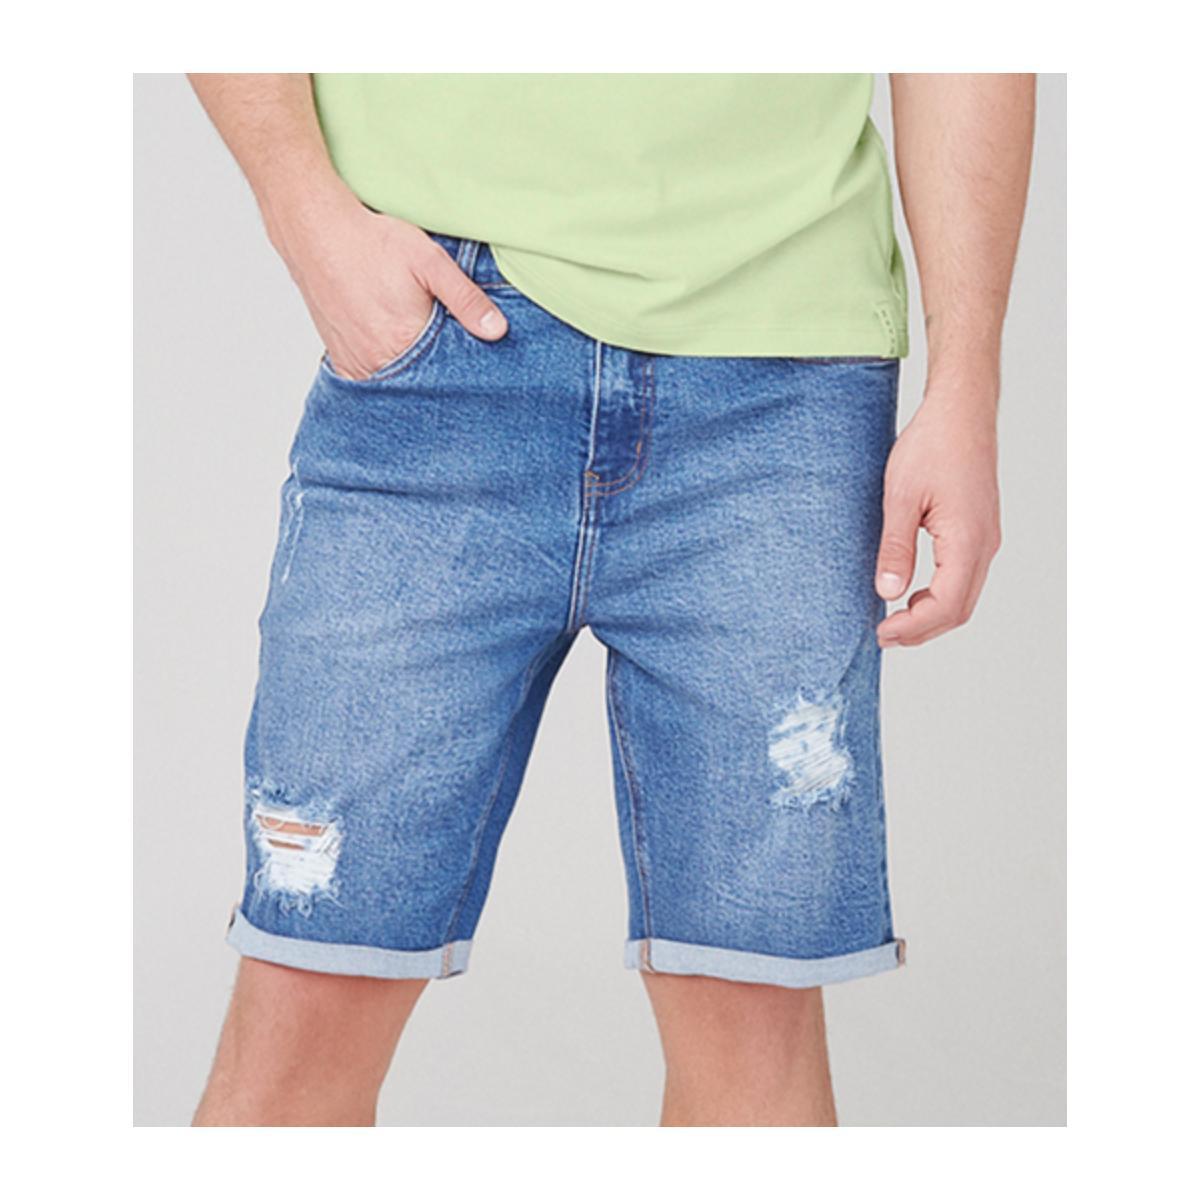 Bermuda Masculina Dzarm Zc4v 1asn Jeans